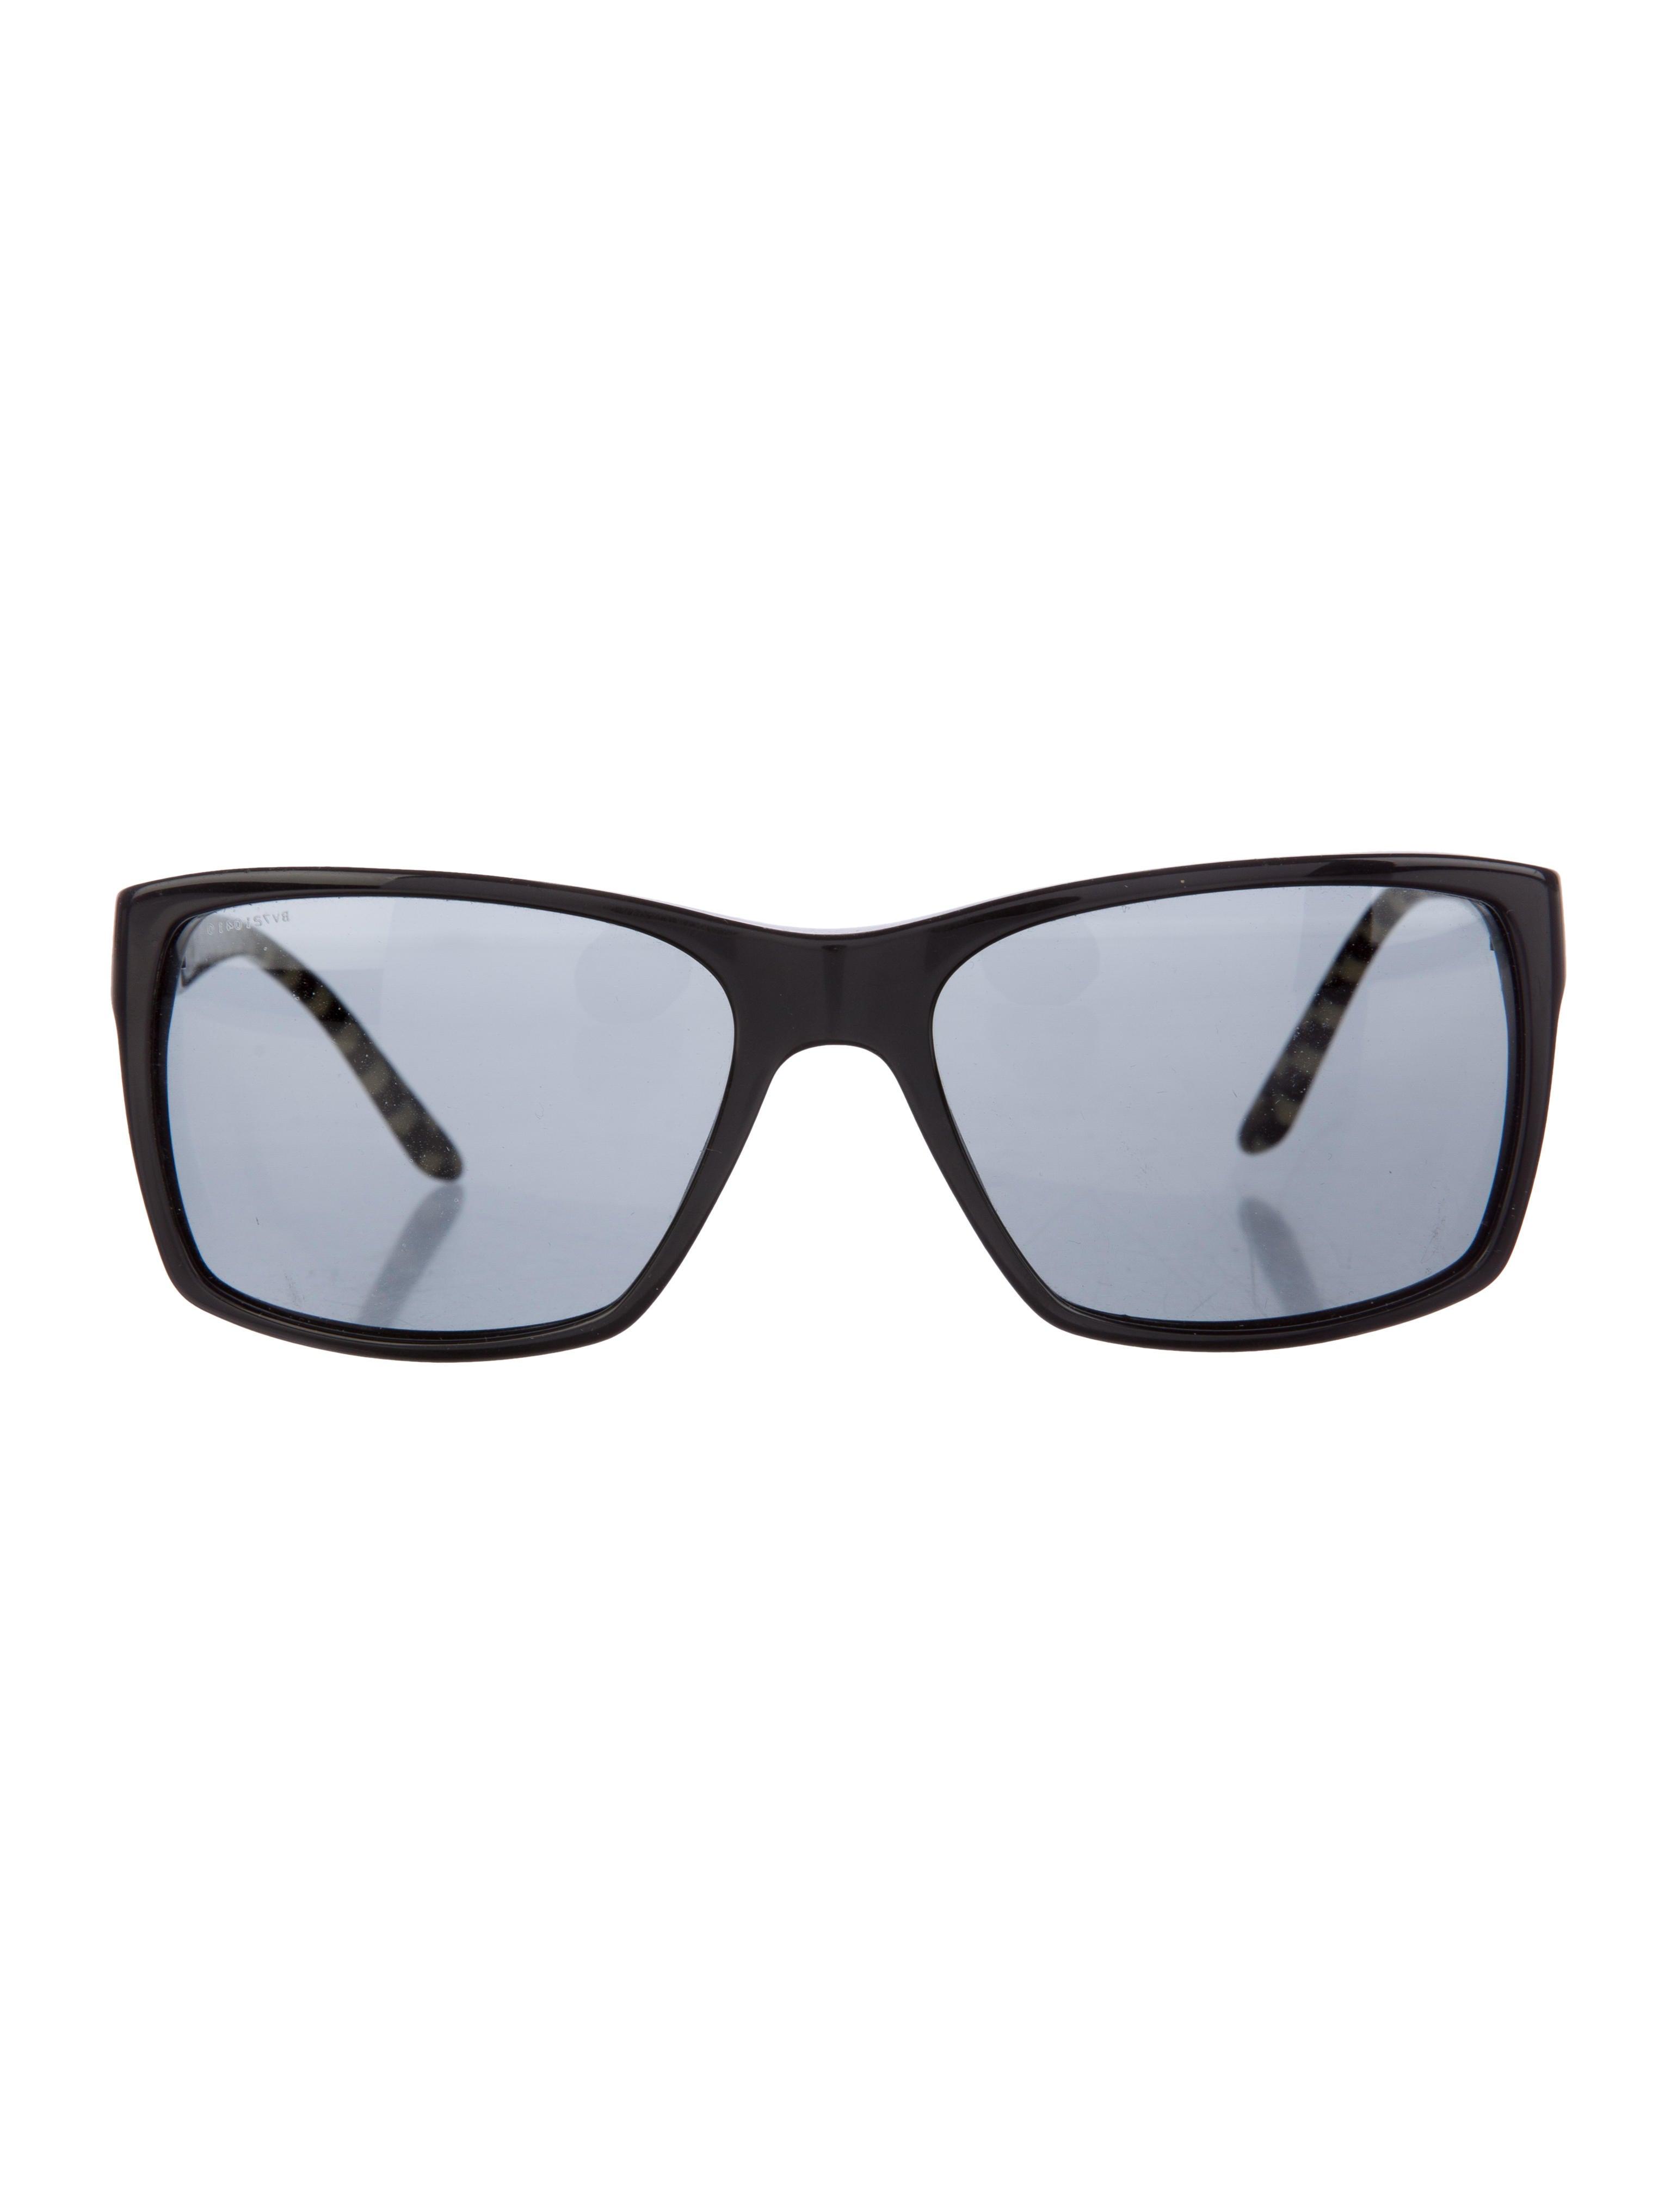 524c6a8610b7 Versace Sunglasses Wayfarer